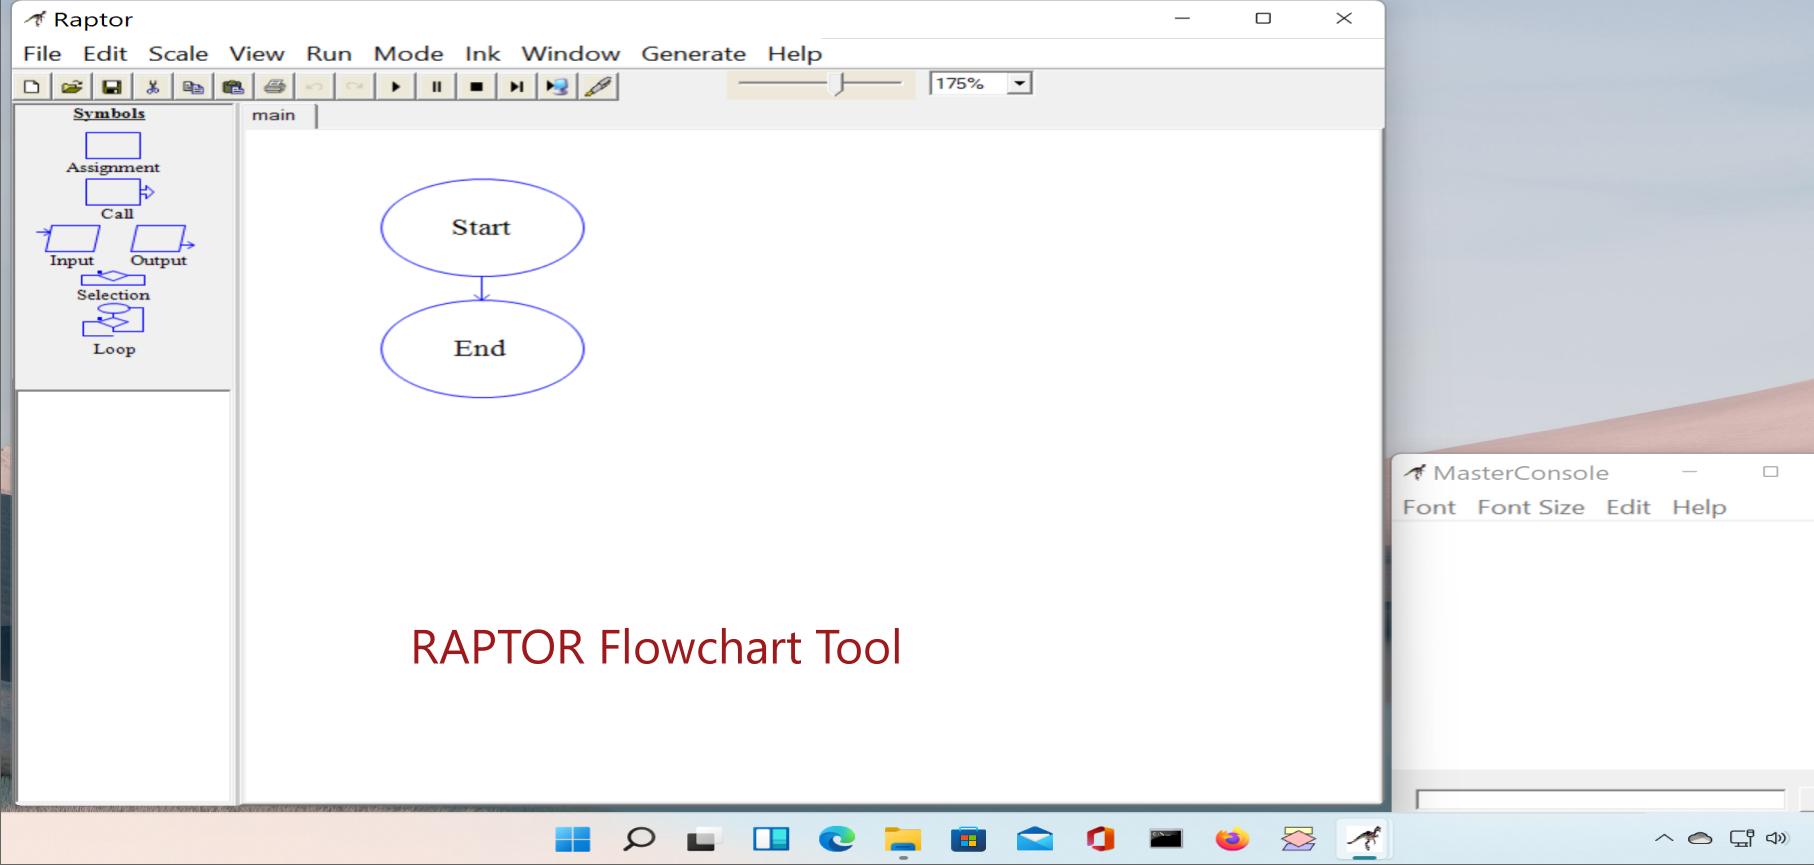 RAPTOR Flowchart Tool